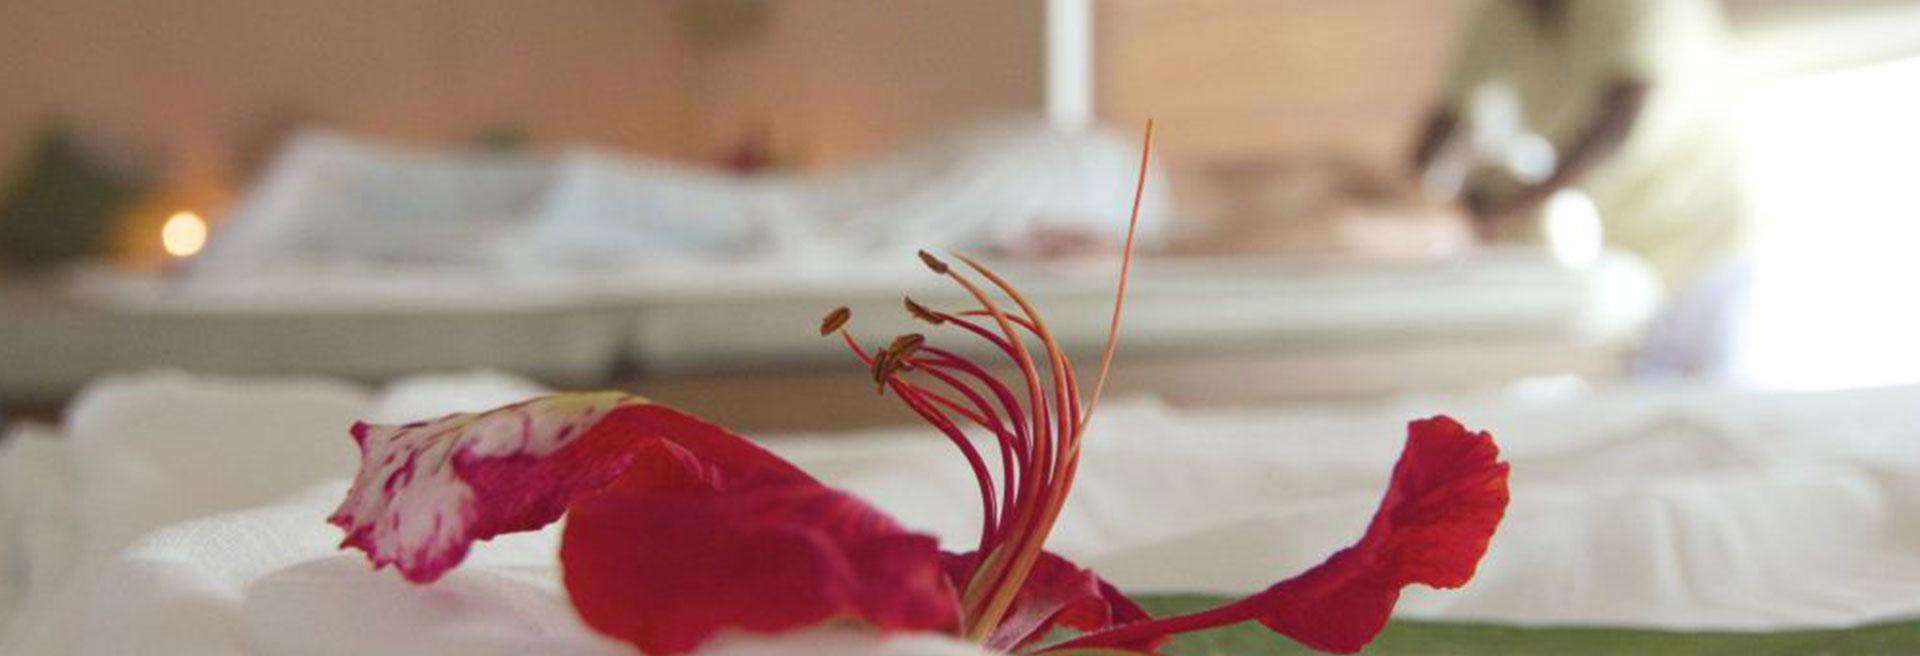 Flower in spa